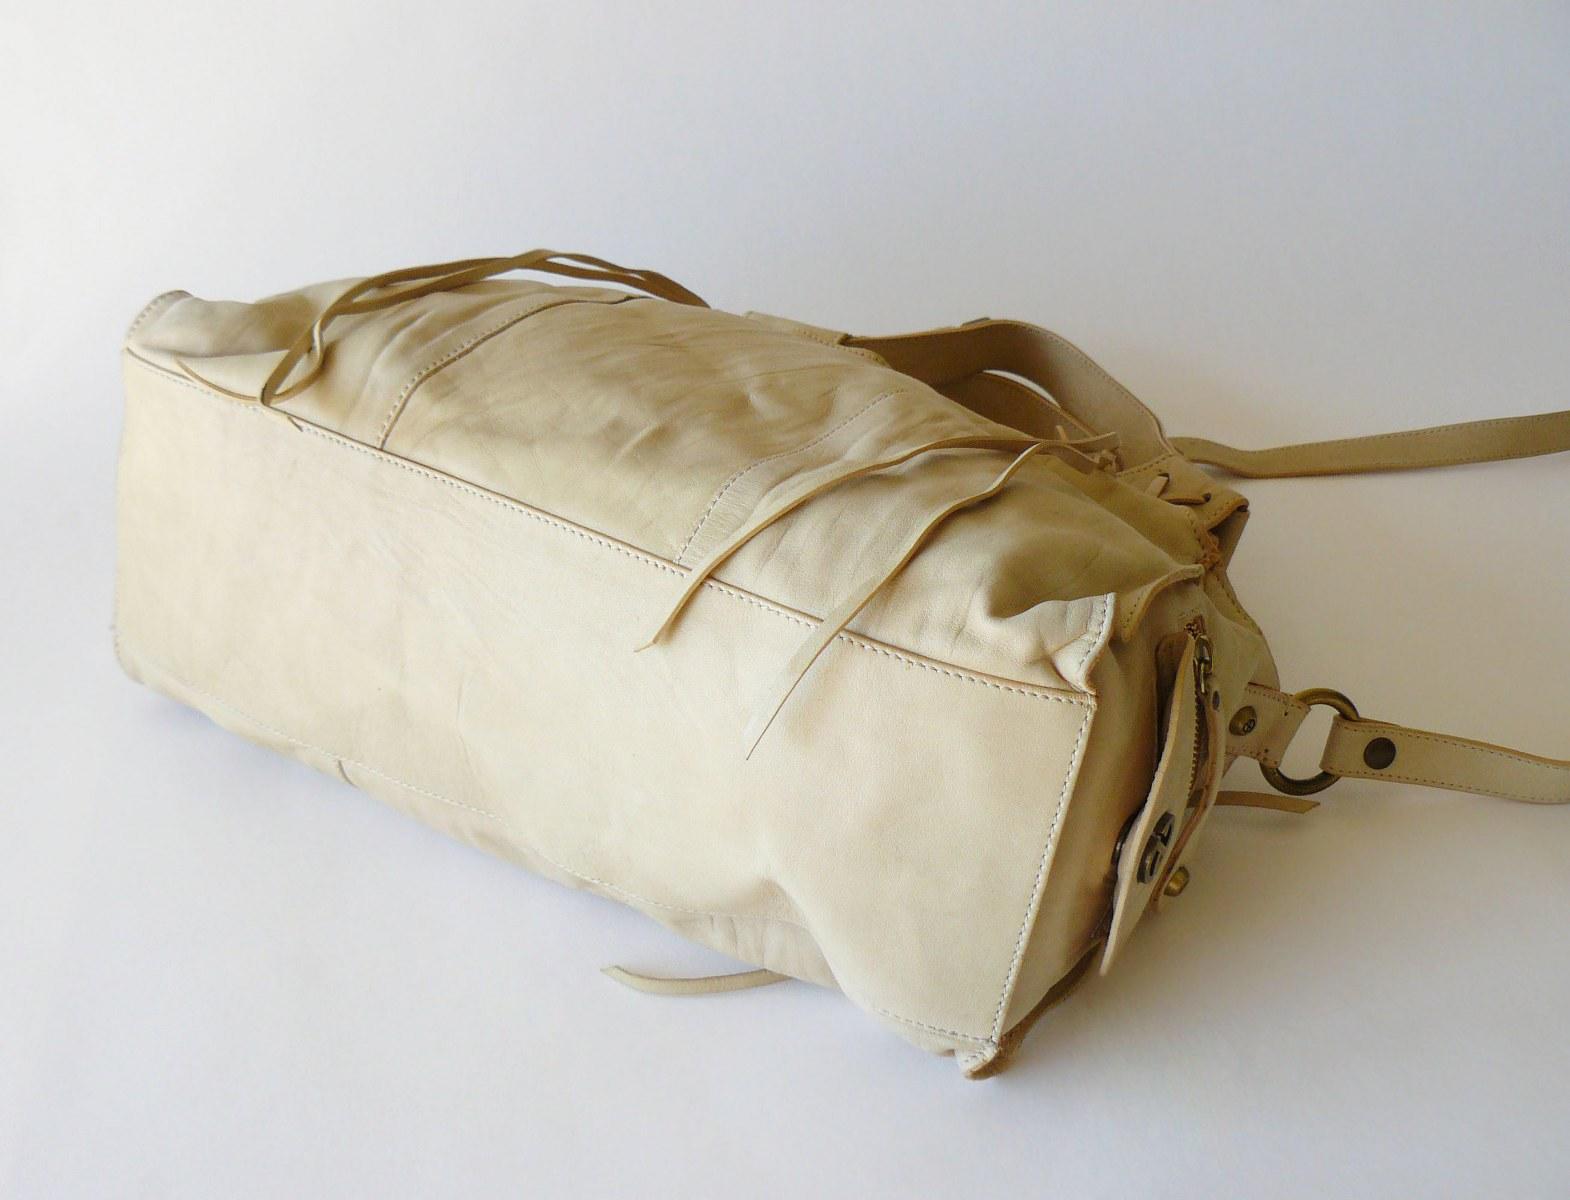 Francesco Biasia Boho Leather Fringe Slouchy Crossbody Shoulder Bag Satchel XL image 4